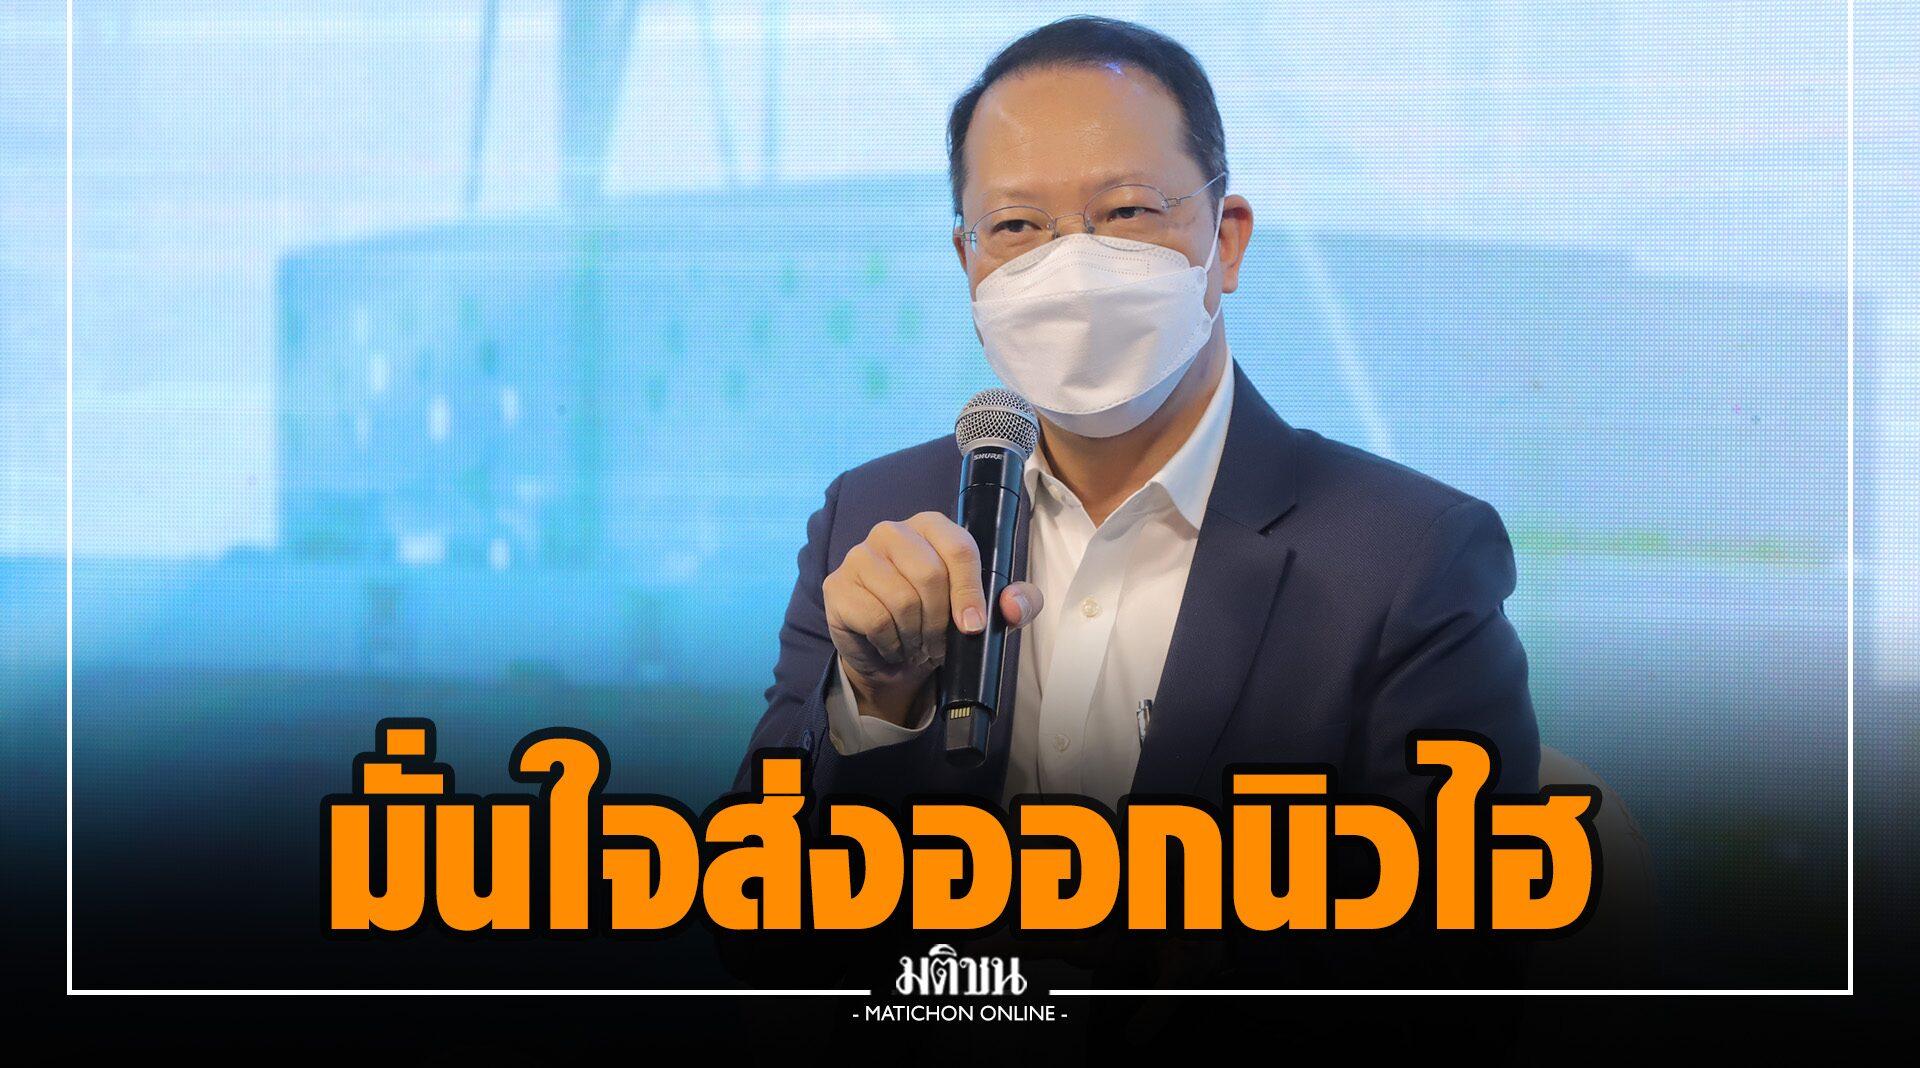 ส.เครื่องนุ่งห่มไทย มั่นใจส่งออกนิวไฮ 10% หลังปี63 จุกร่วงยกแผง